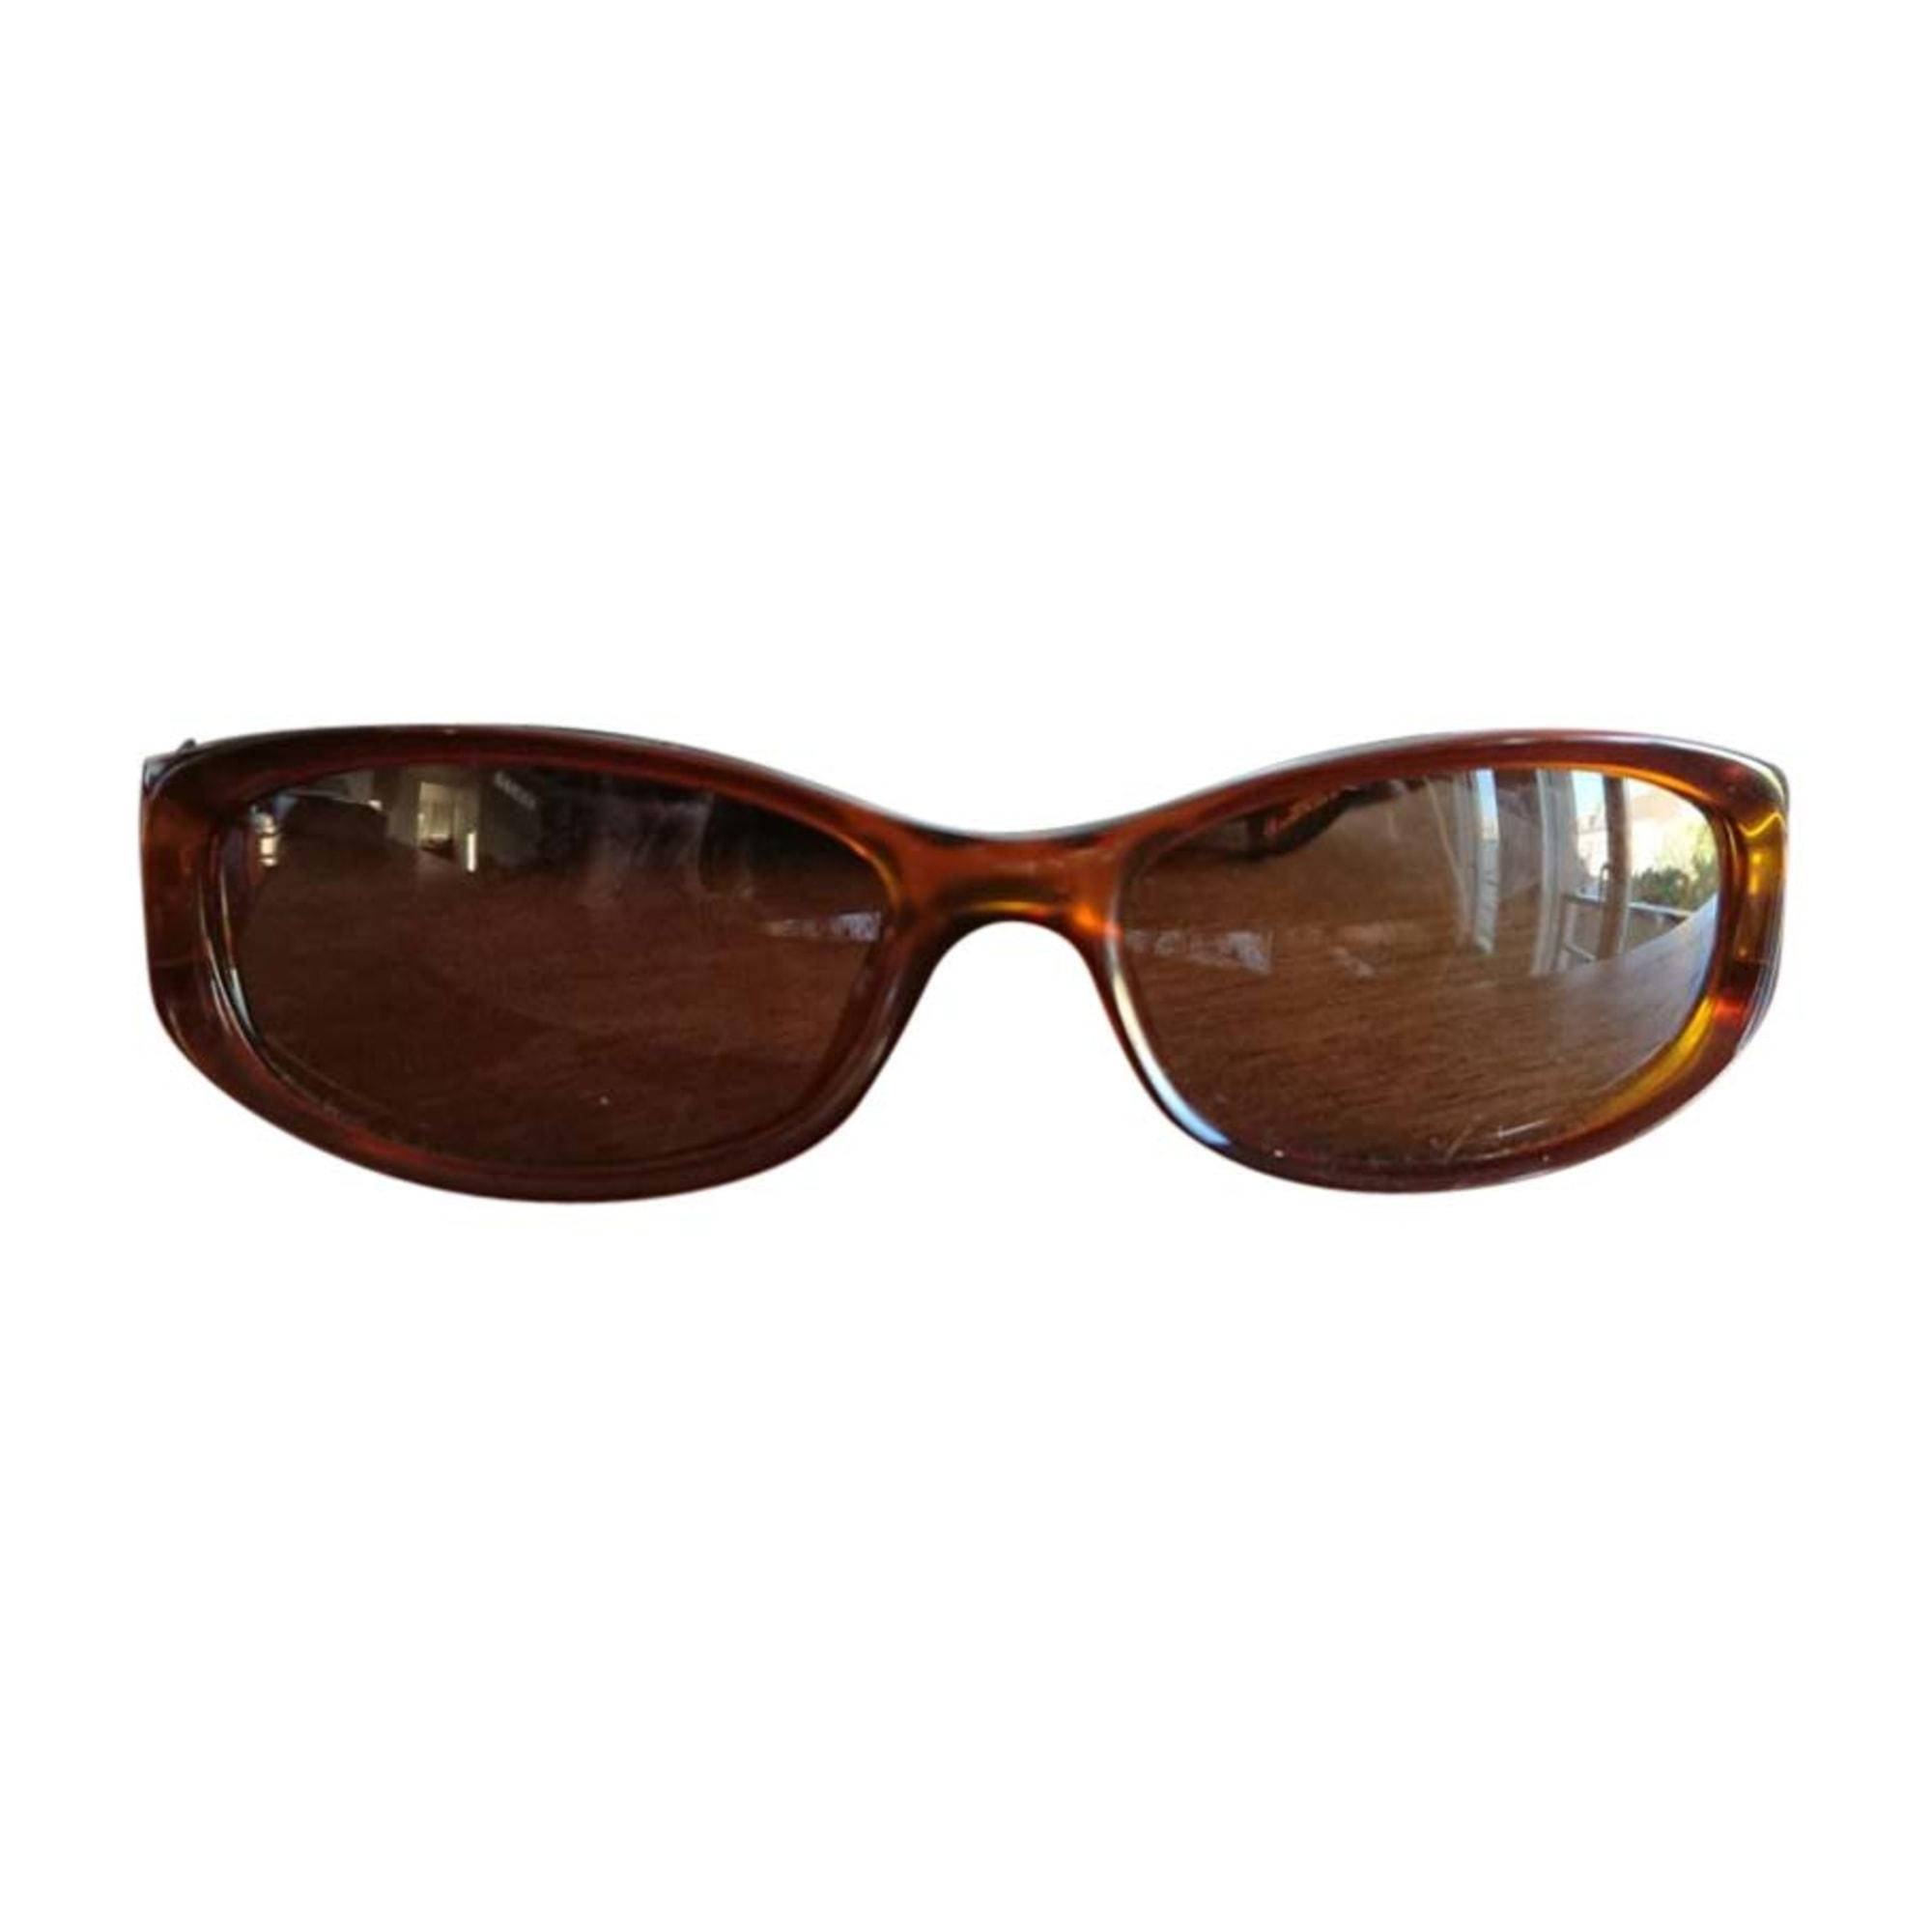 Sonnenbrille GUCCI Braun